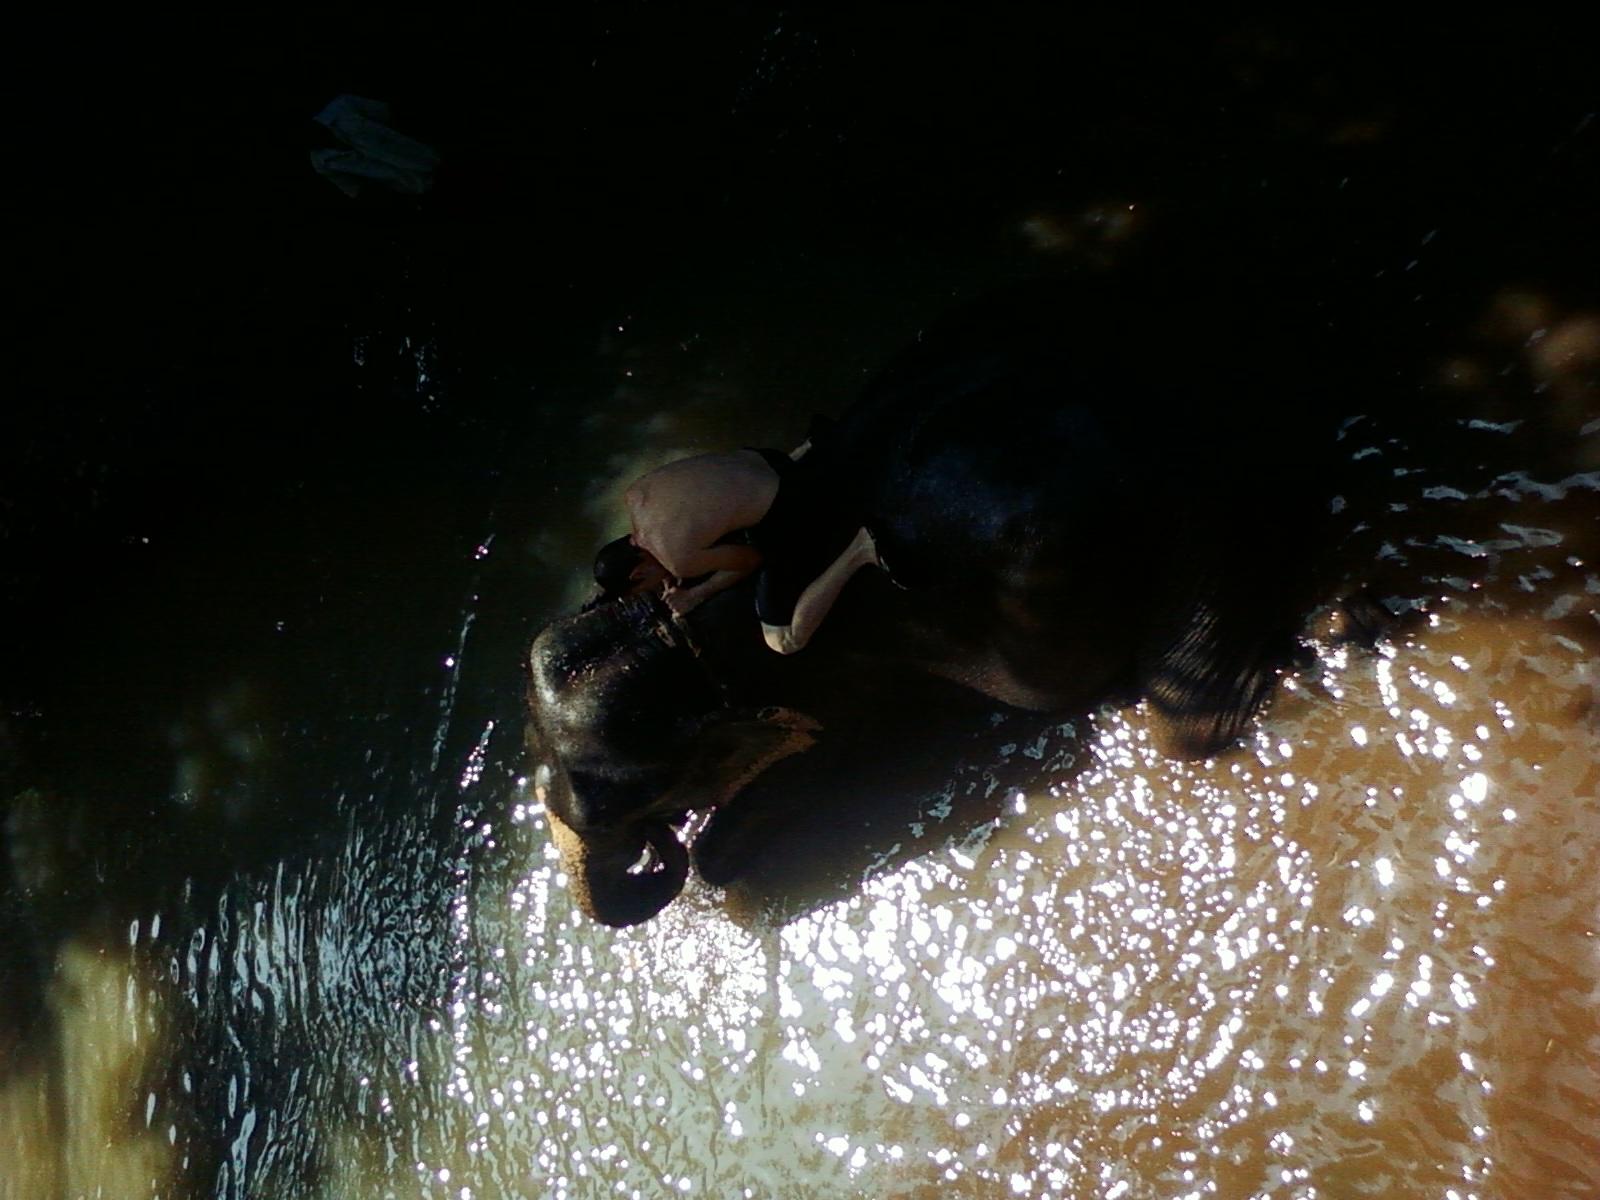 Goan style bathing